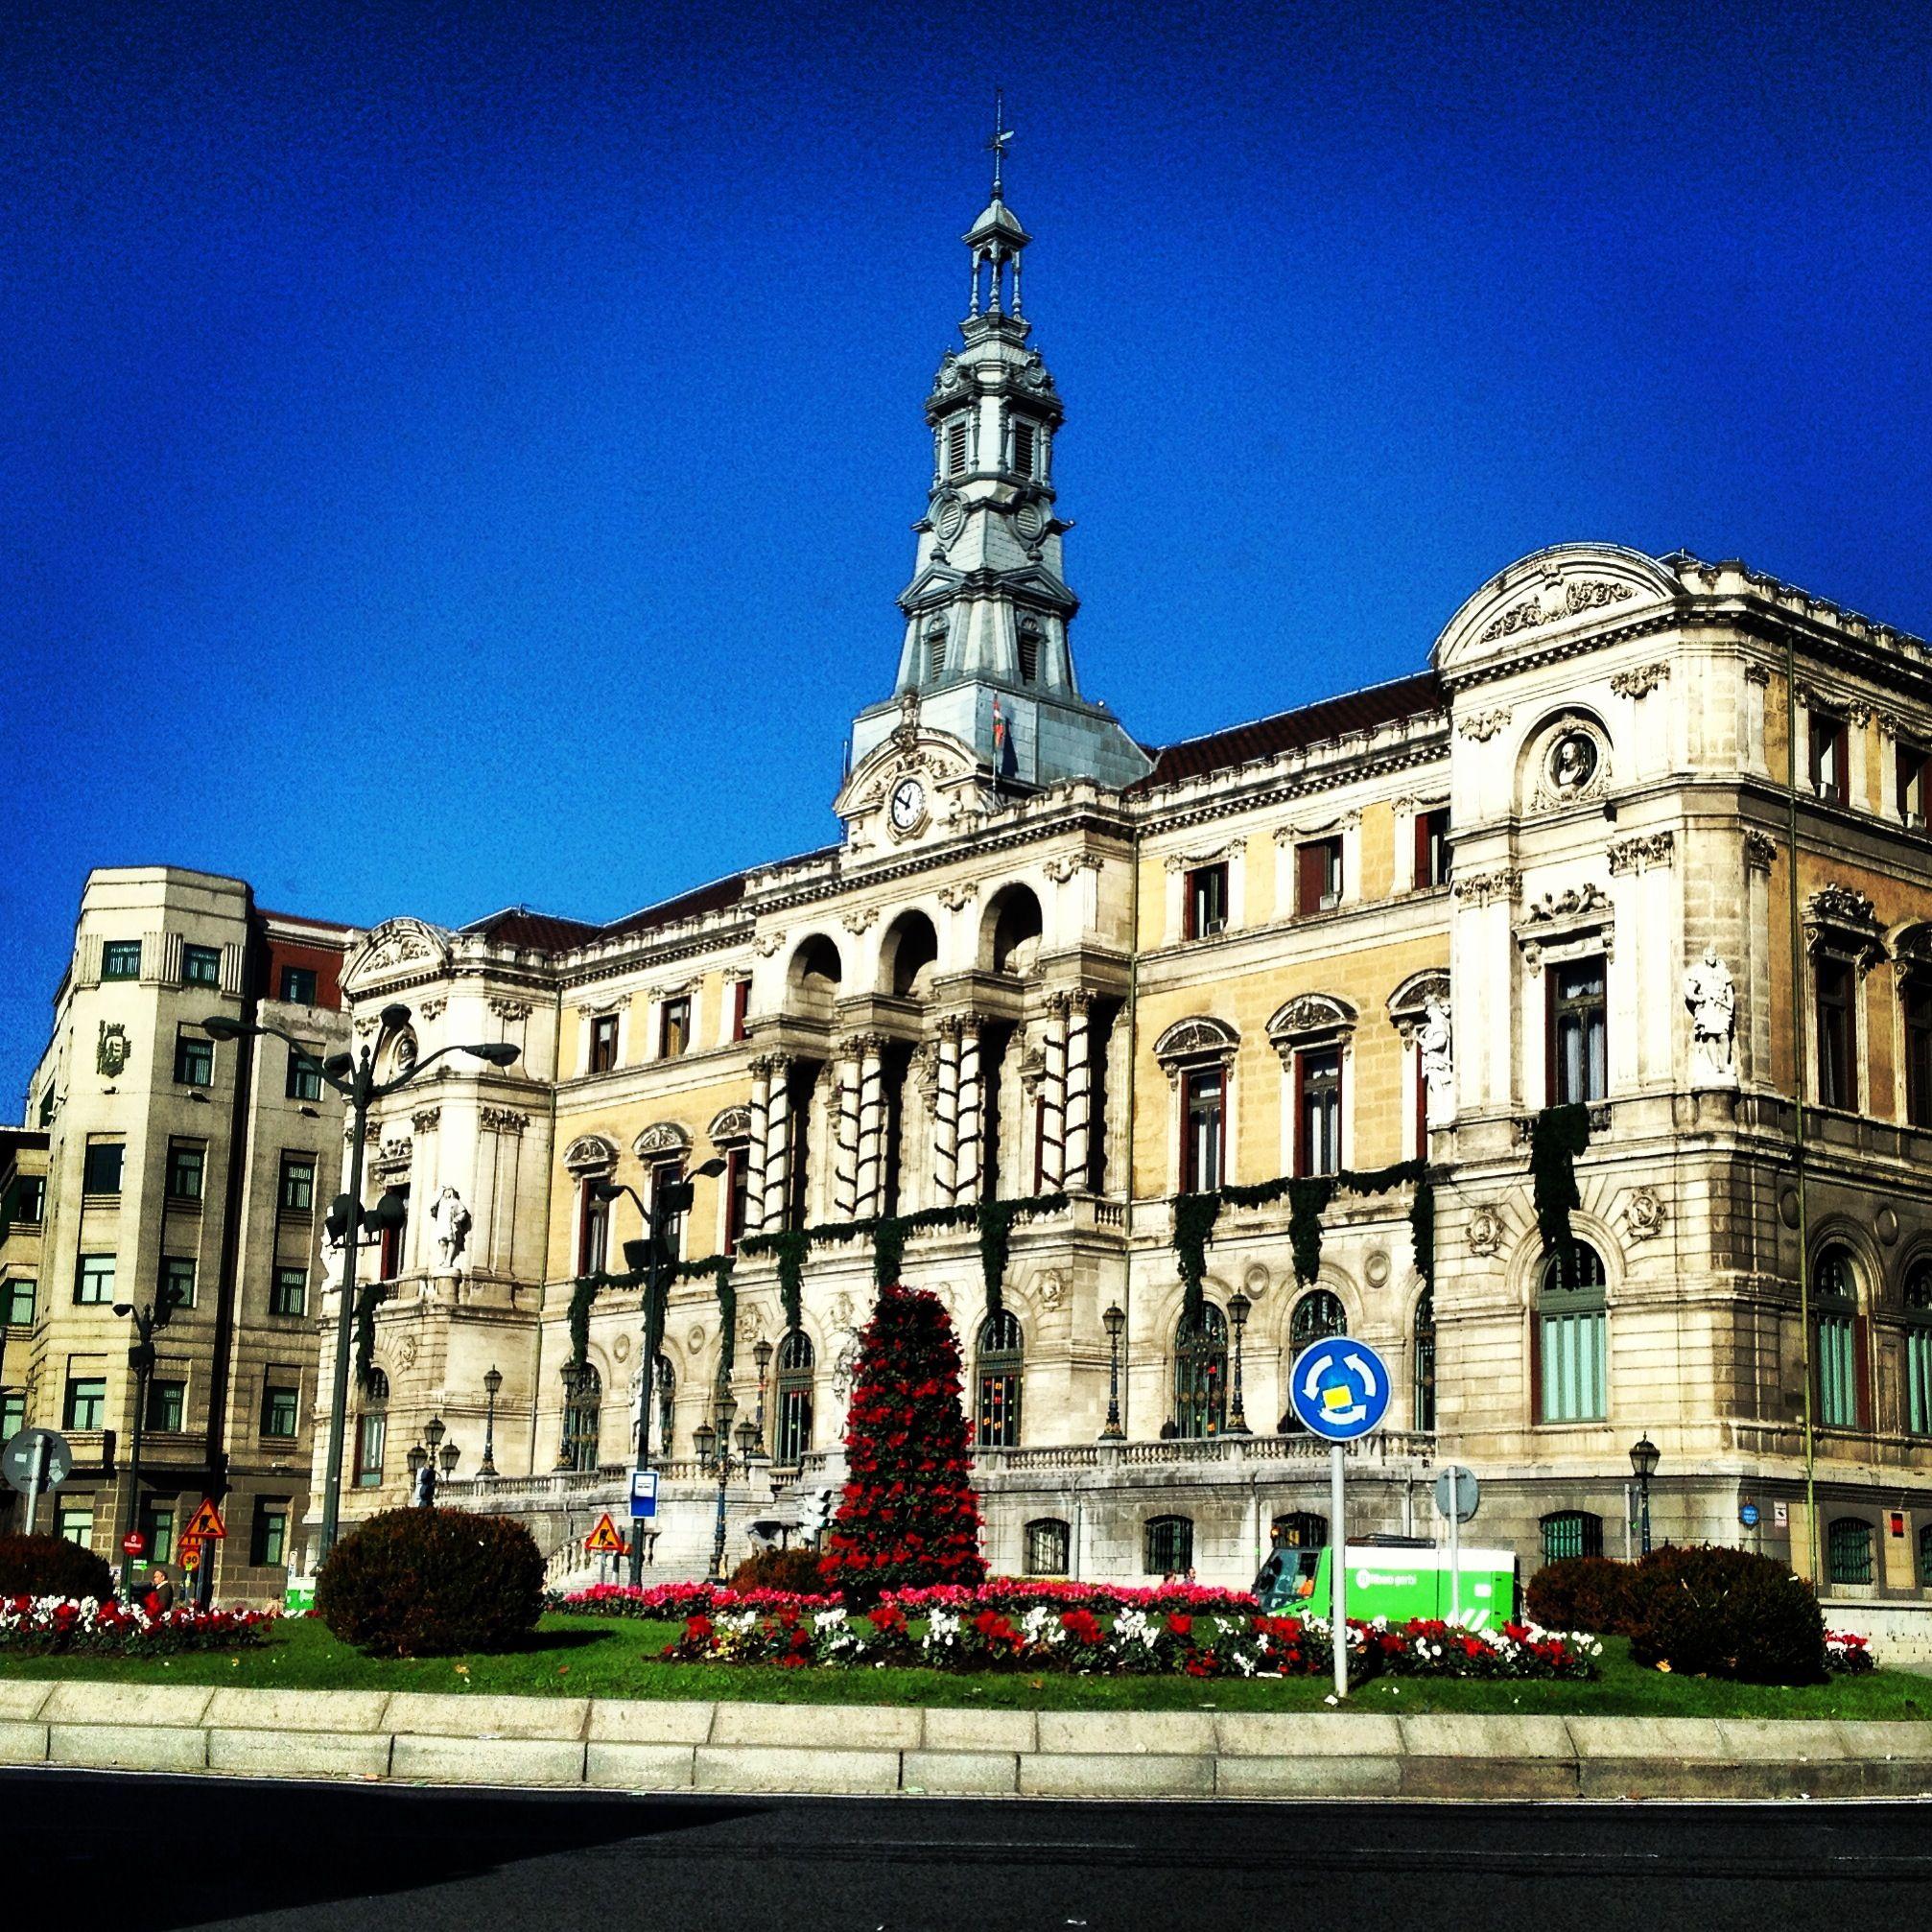 Basque country bizkaia bilbao city hall espa a - Arquitectura pais vasco ...